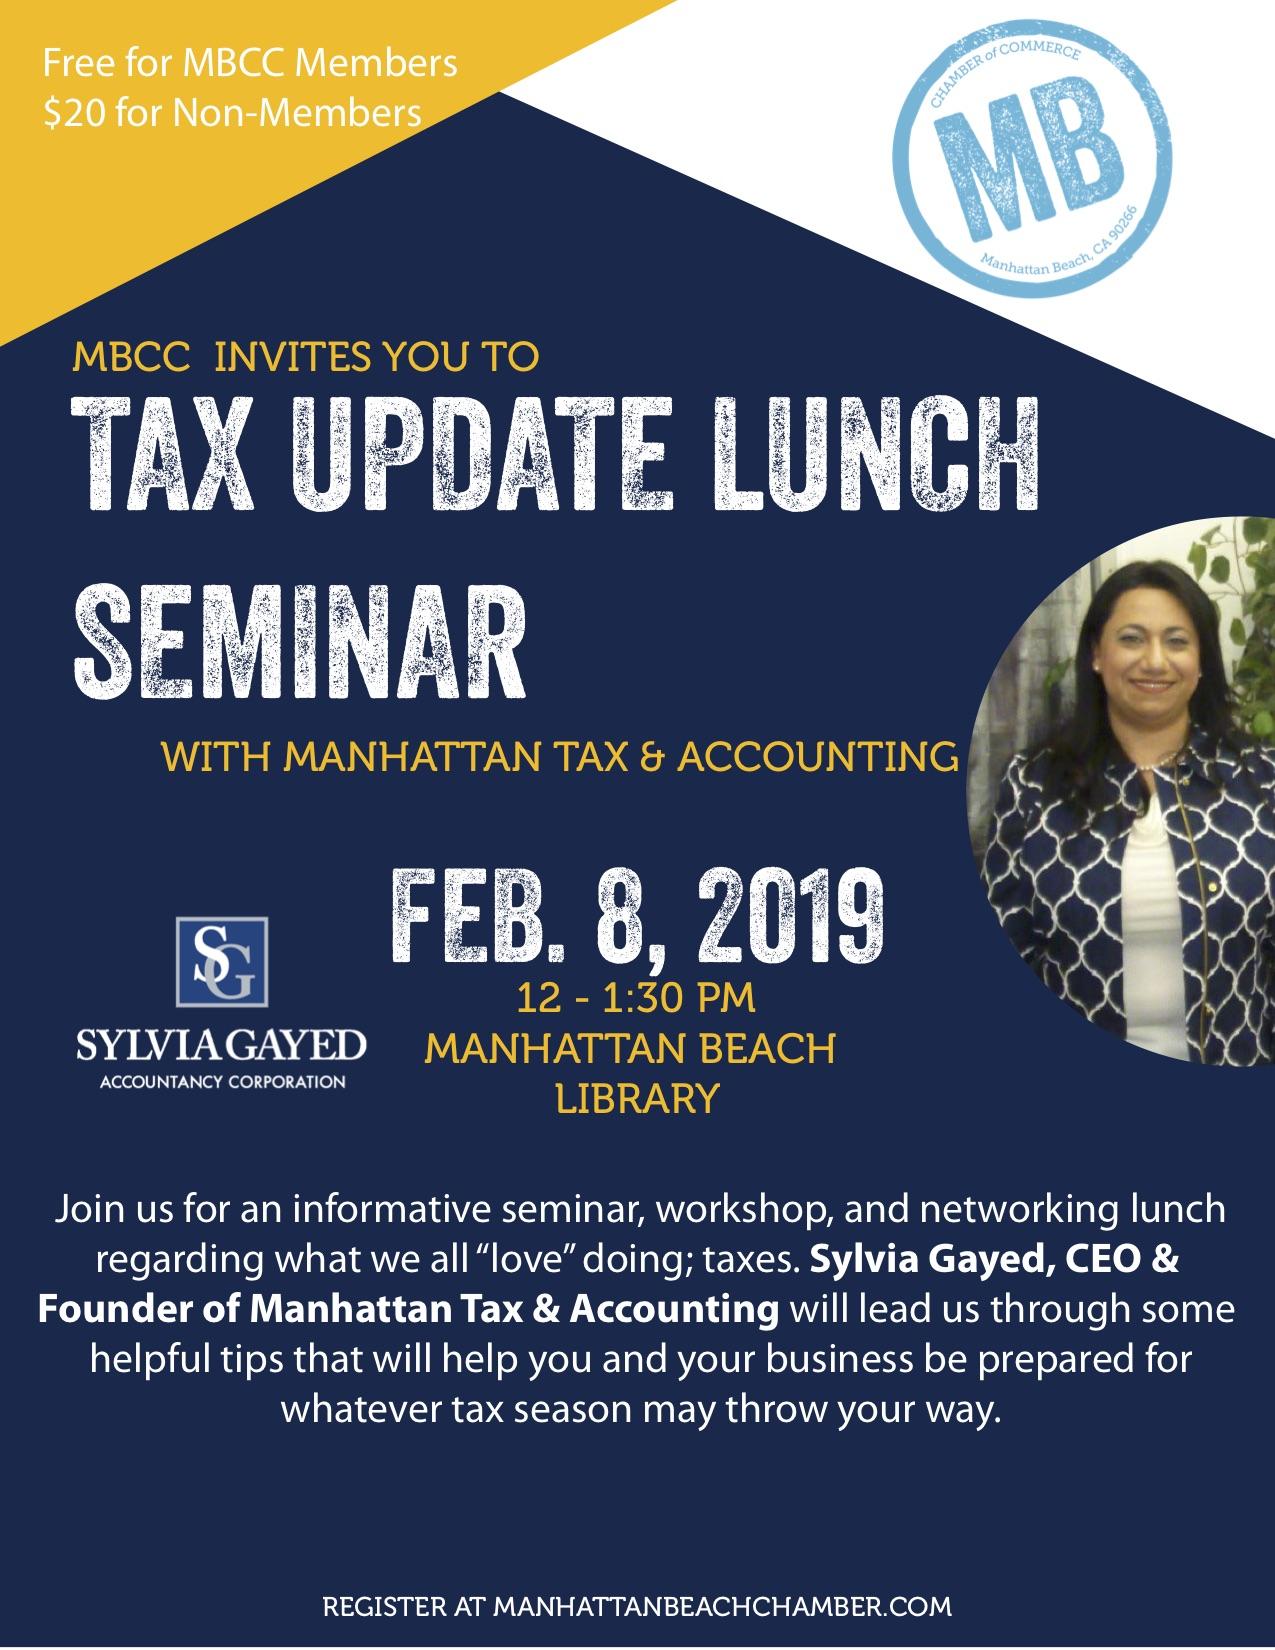 Tax Update Lunch Seminar